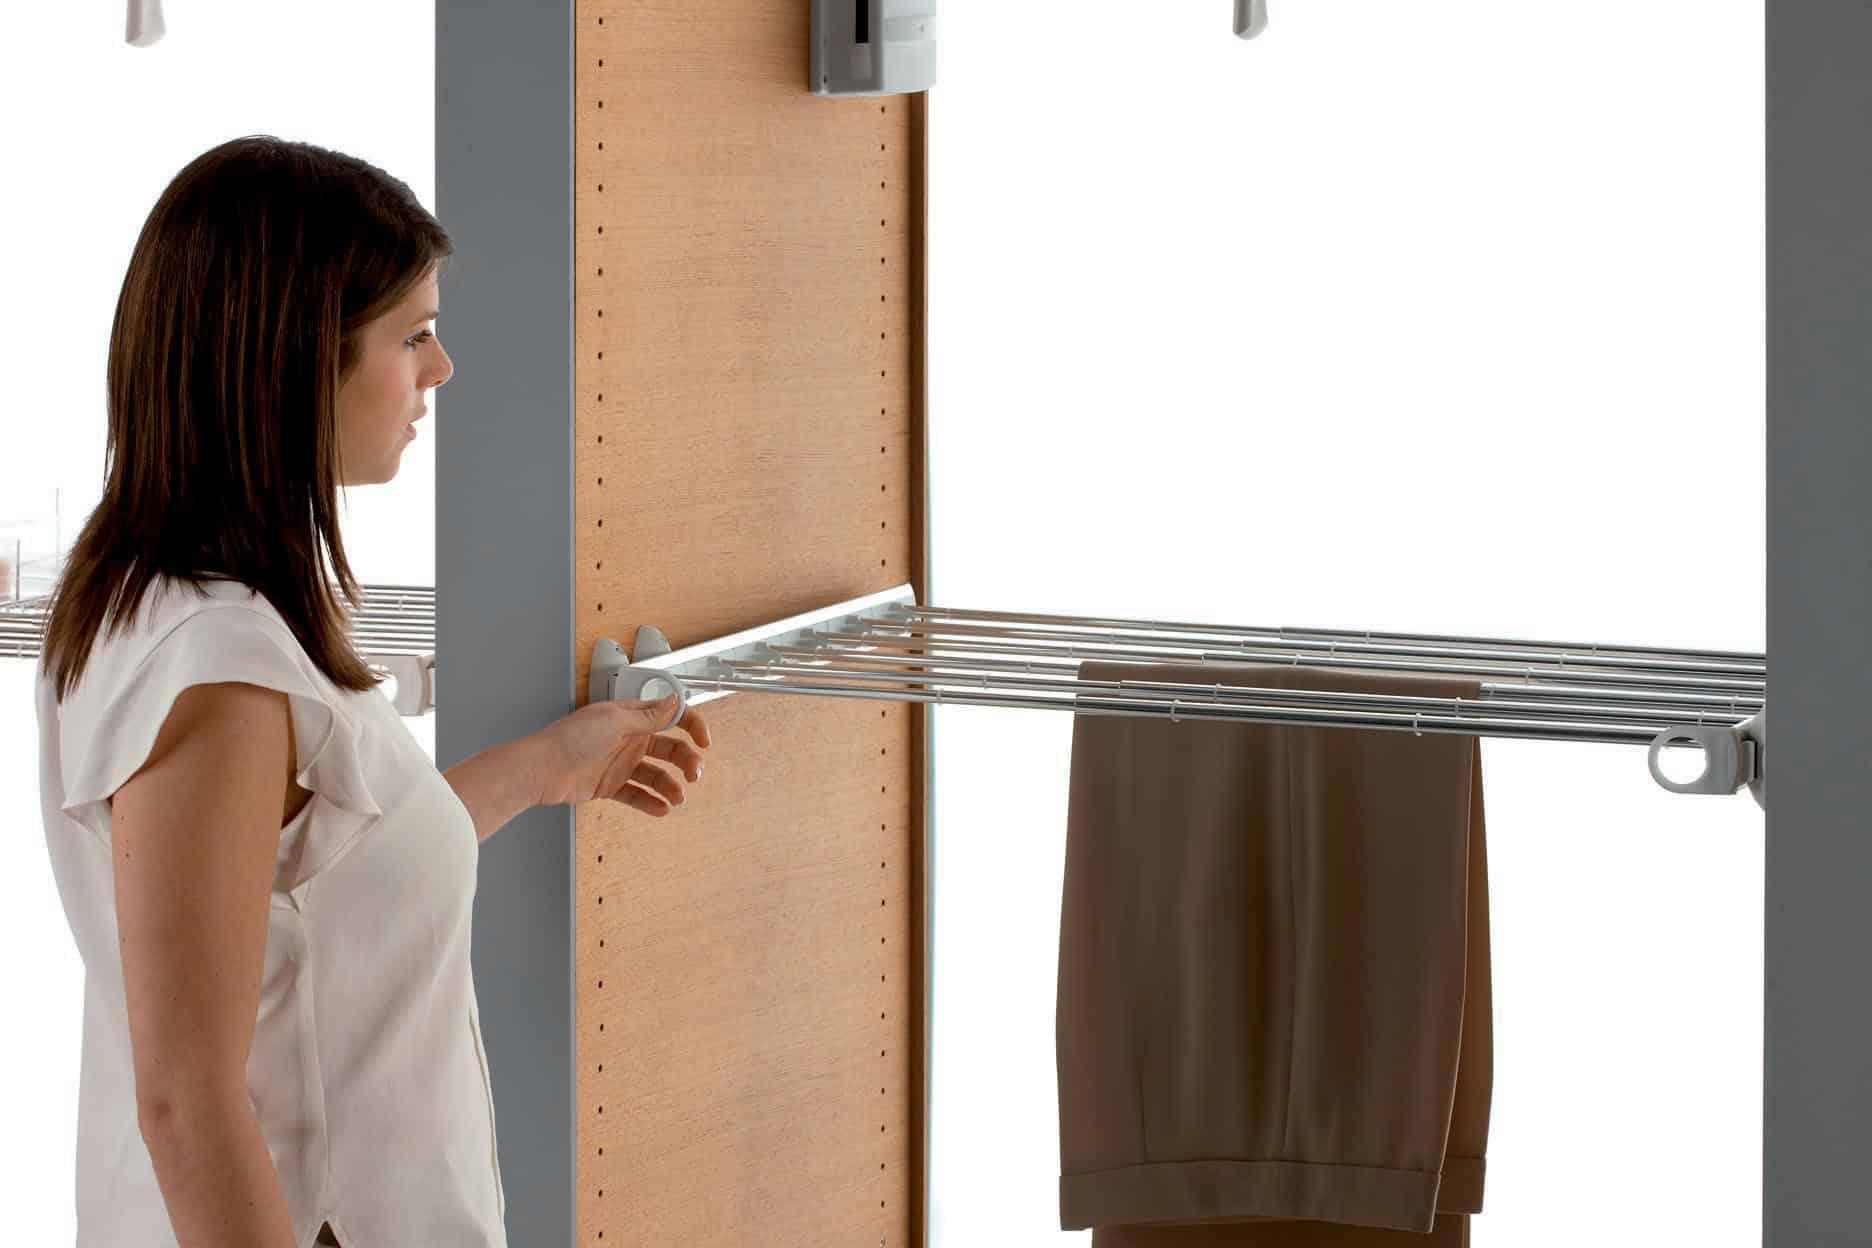 Porta pantaloni estraibile per cabina armadio resistente Servetto quanlità made in italy tuttoferramenta.